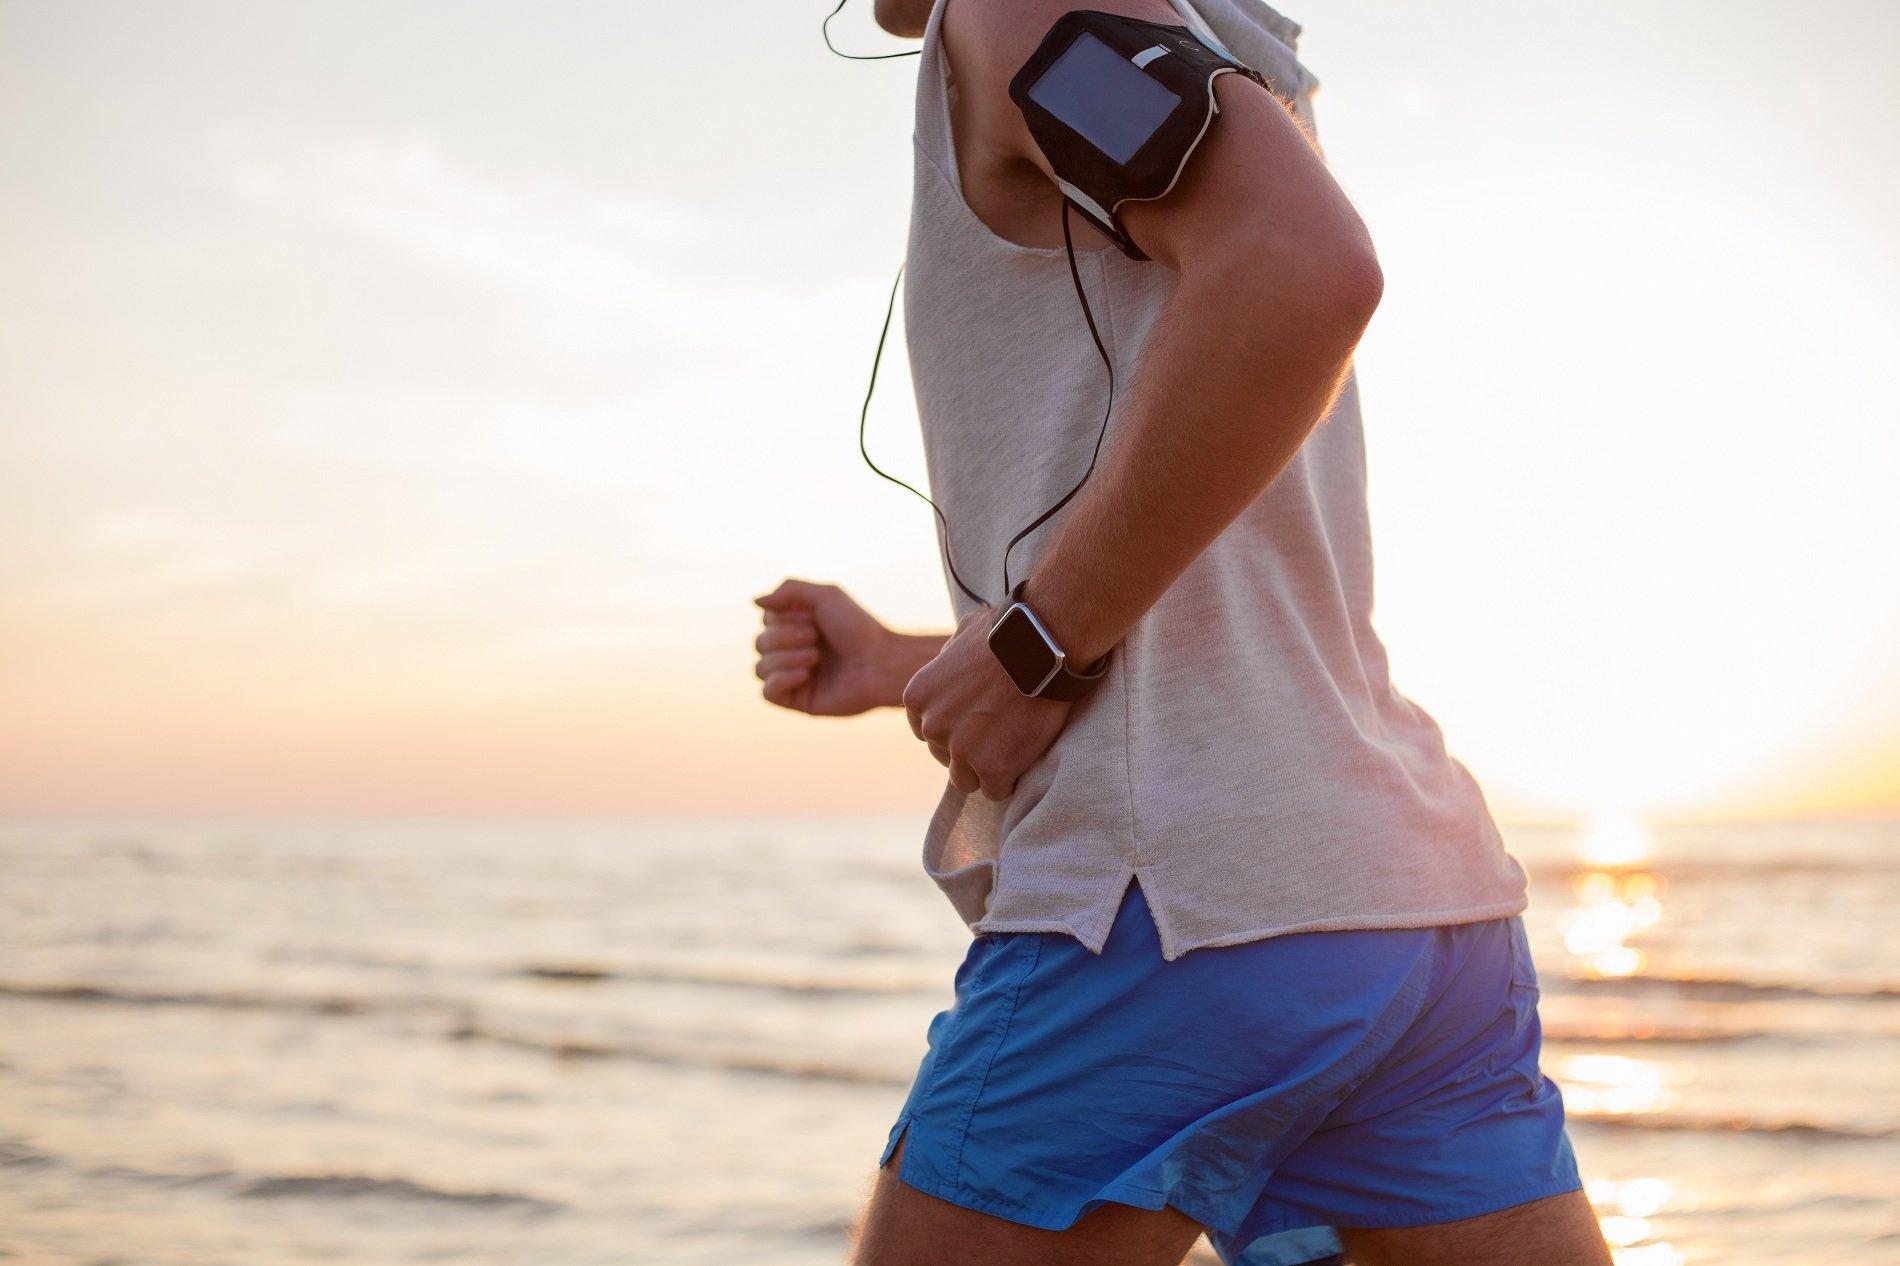 Giovane correndo porta nel braccio un apparecchio per controllare i suoi battiti,pulsazioni e lo sforzo realizzato nella sua carriera